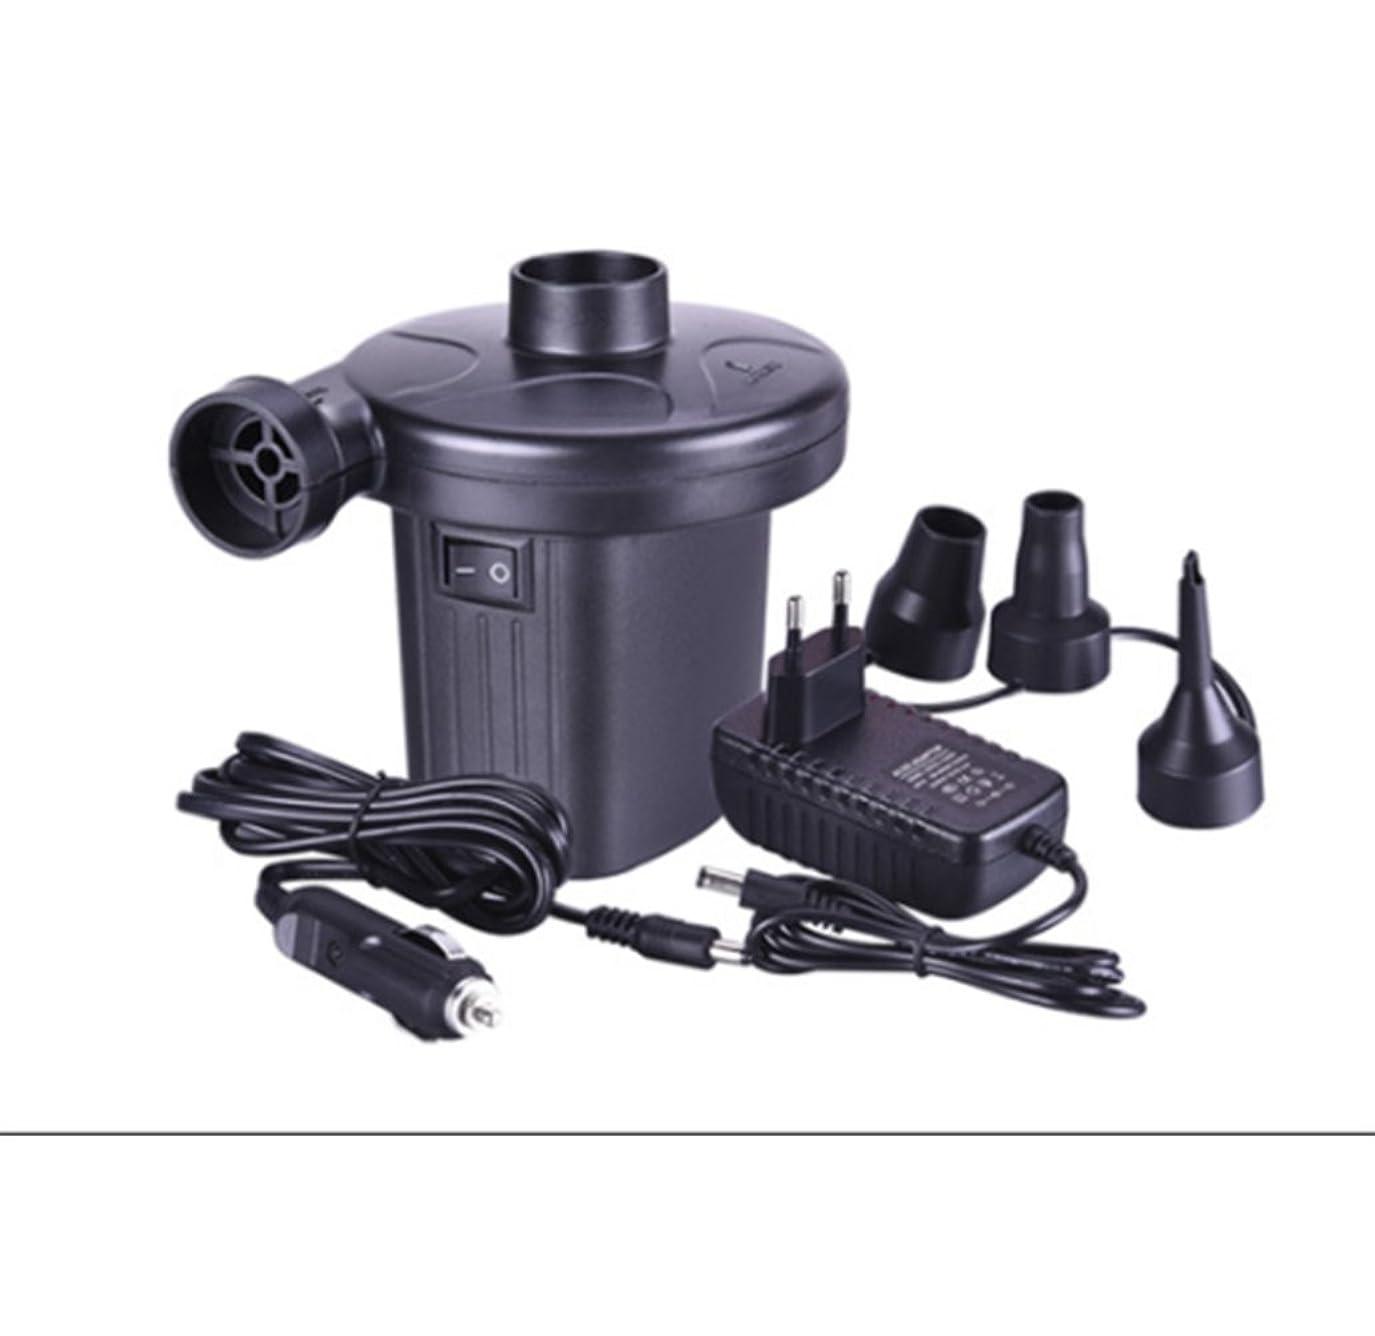 車の空気ポンプの空気のコンプレッサーの車の空気のコンプレッサーのポンプの圧縮220V 12Vの家の車と電気ポンプの吸水